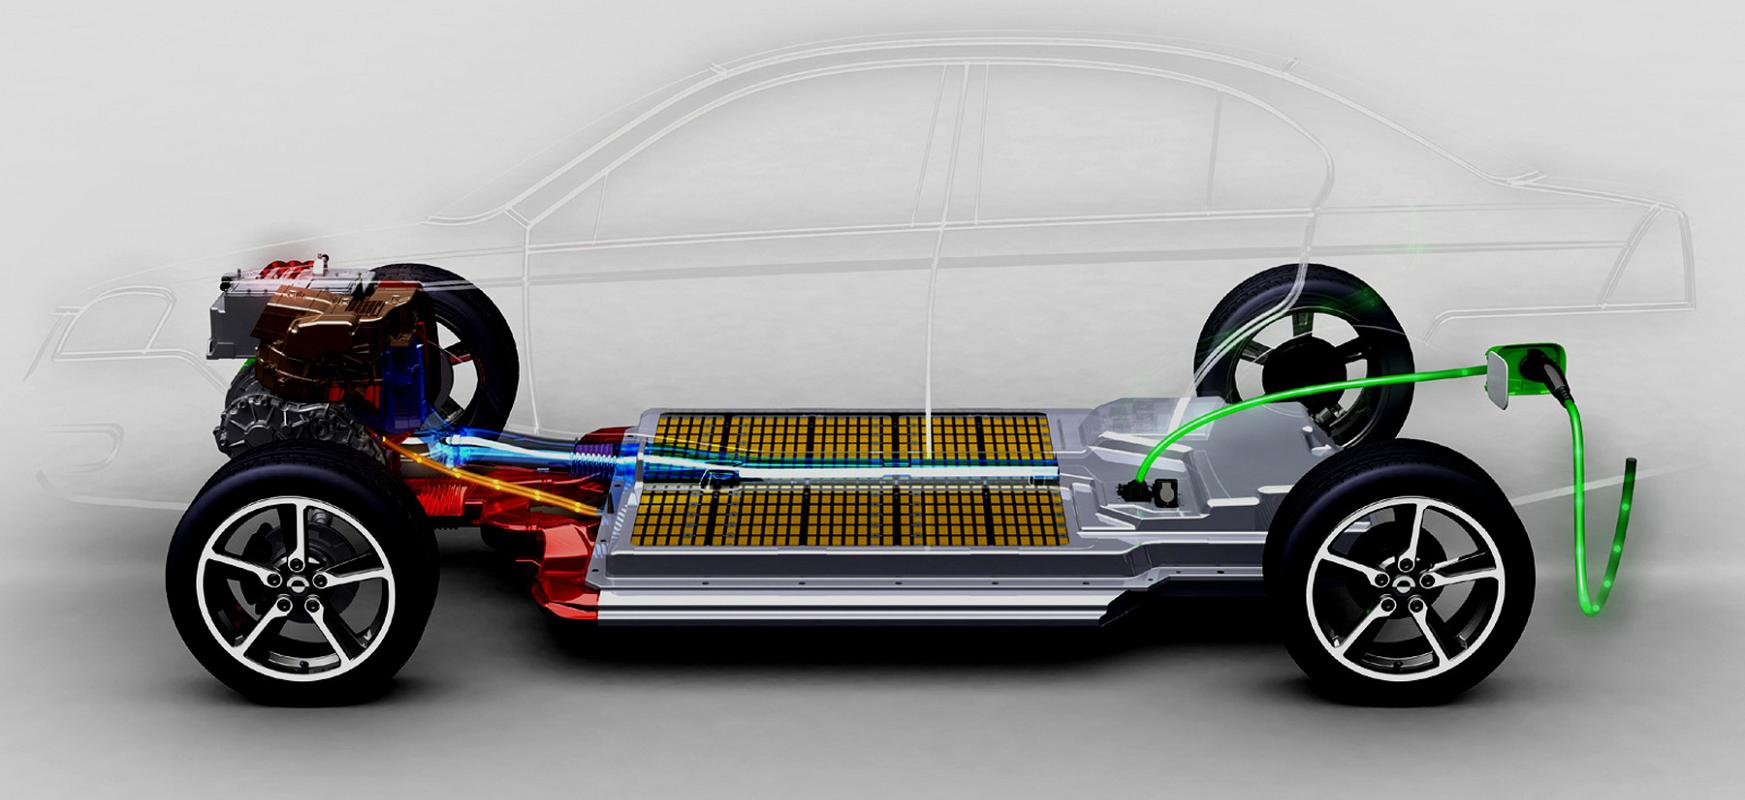 2 milioi bat kilometro edo 16 urte - Txinako auto elektrikoen bateria berriek denbora luzez funtzionatzea espero da